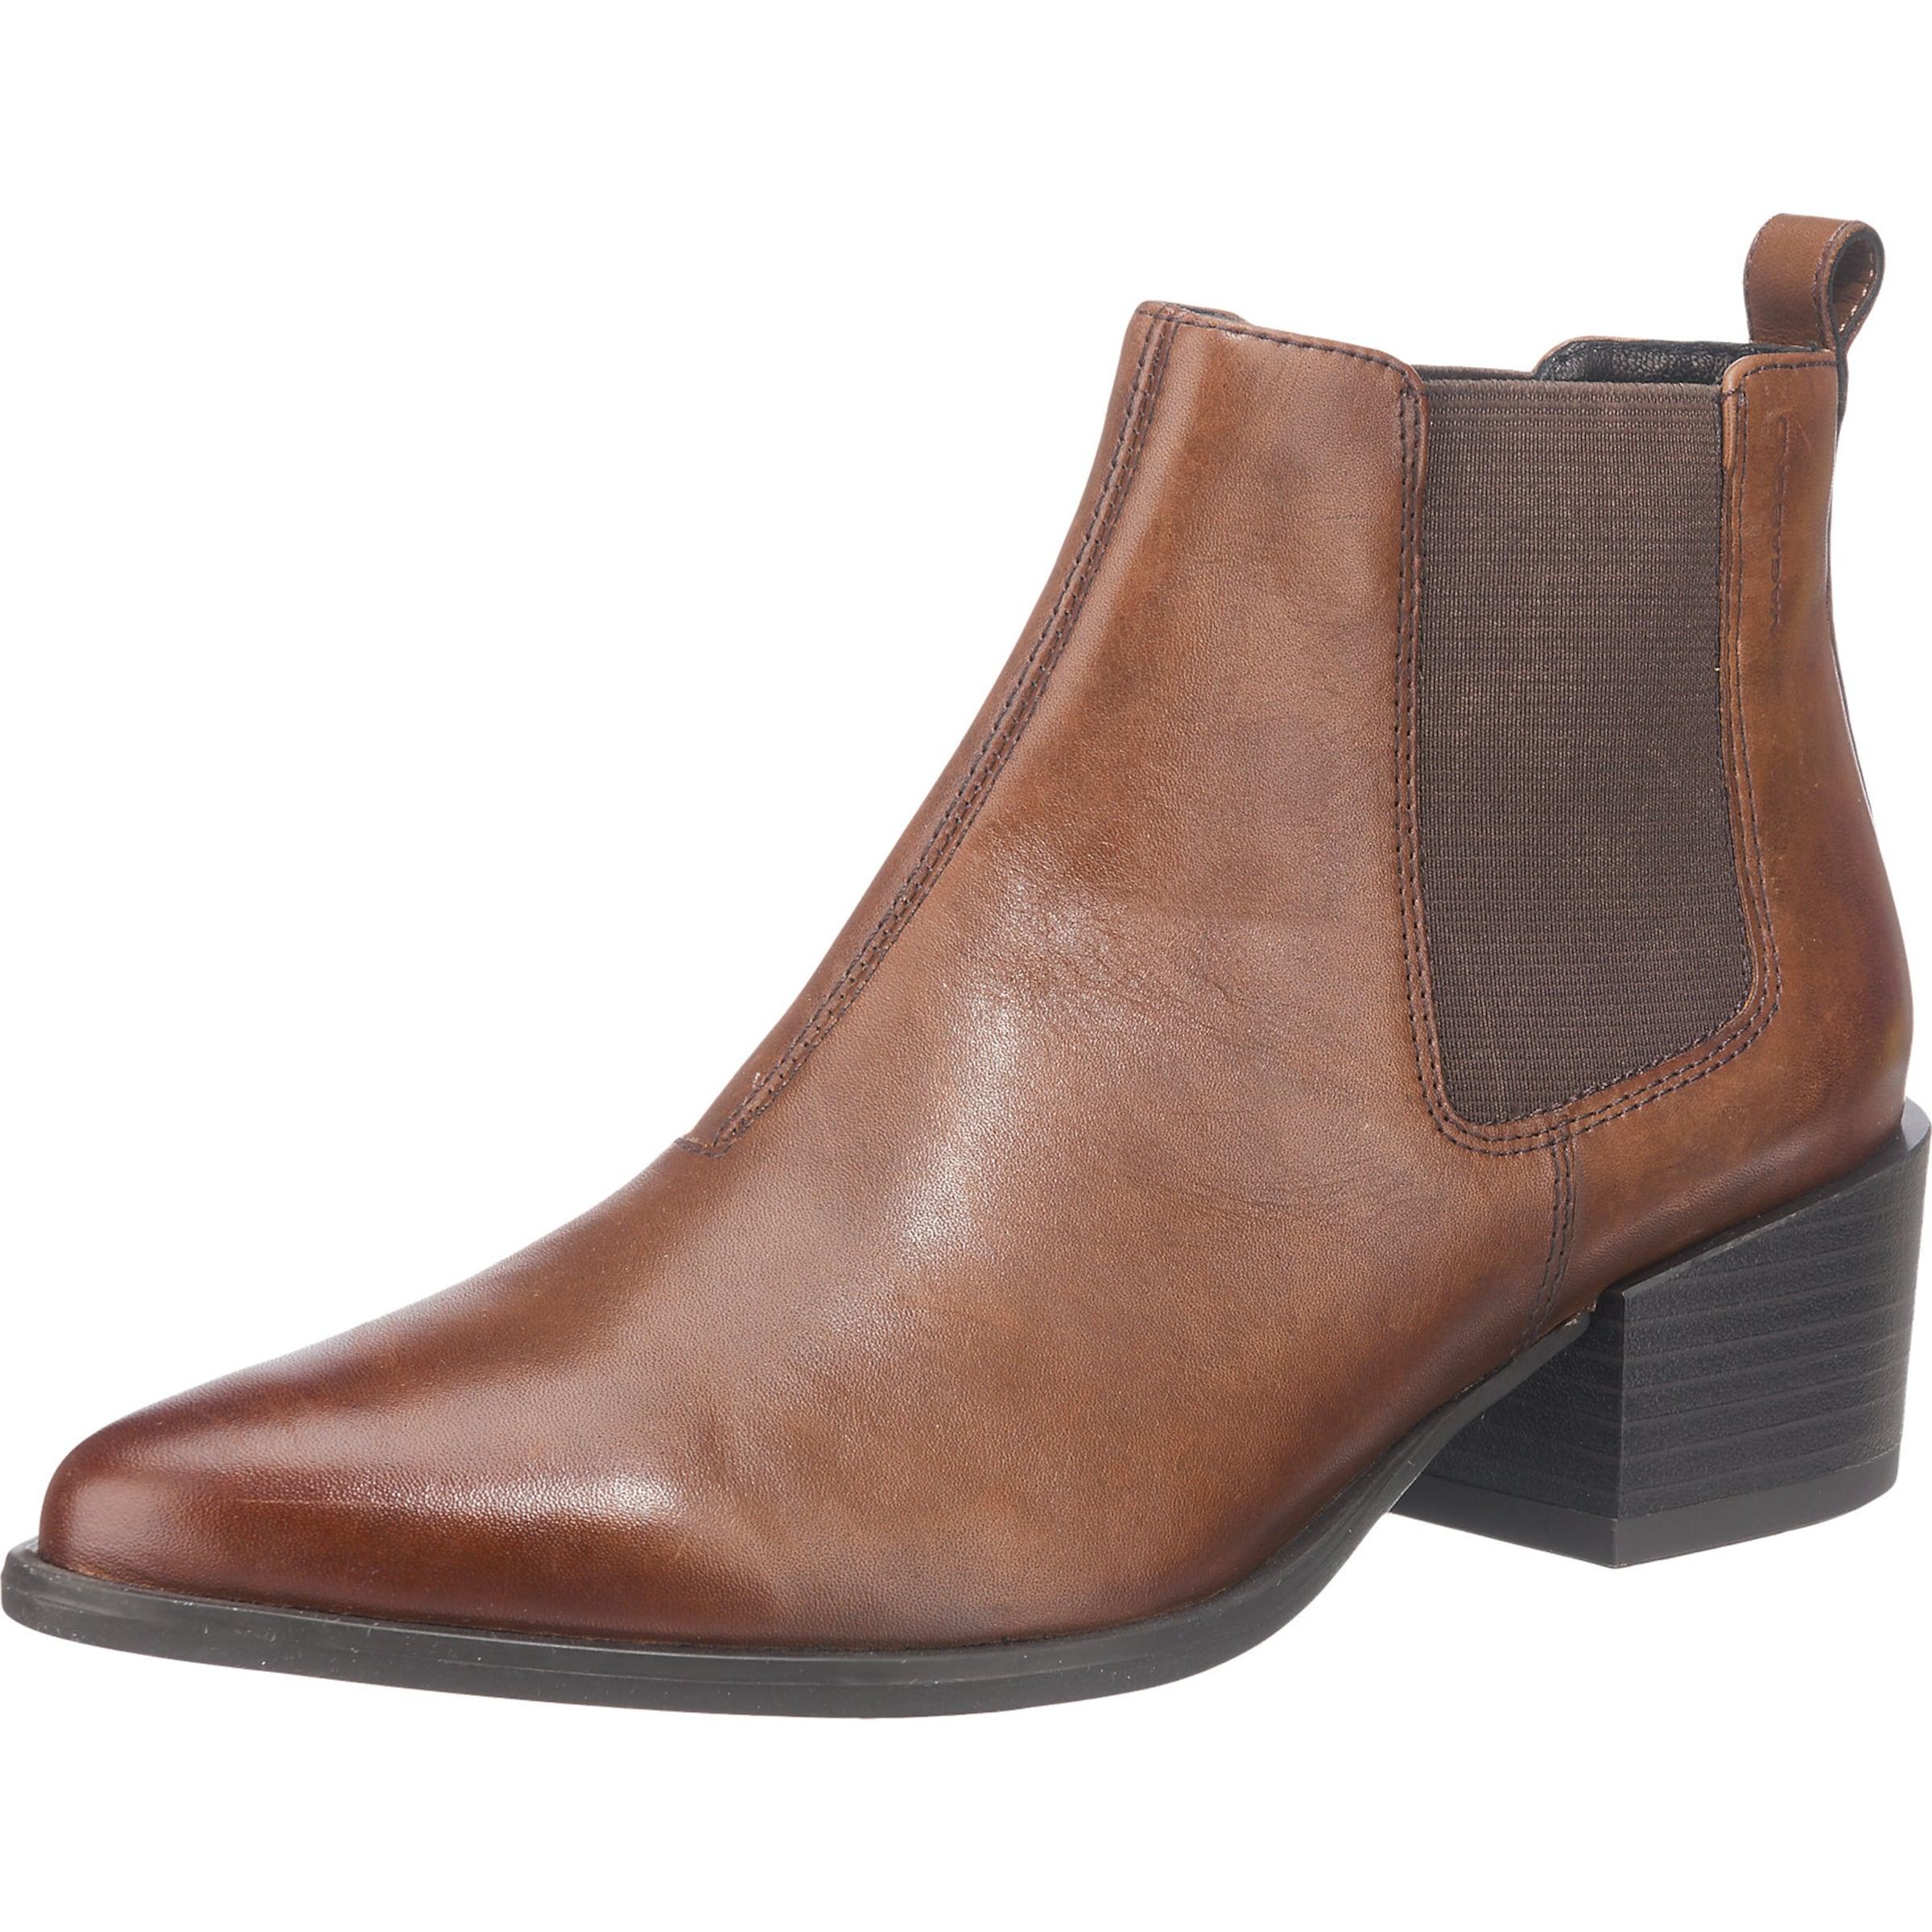 VAGABOND SHOEMAKERS Marja Stiefeletten Verschleißfeste billige Schuhe